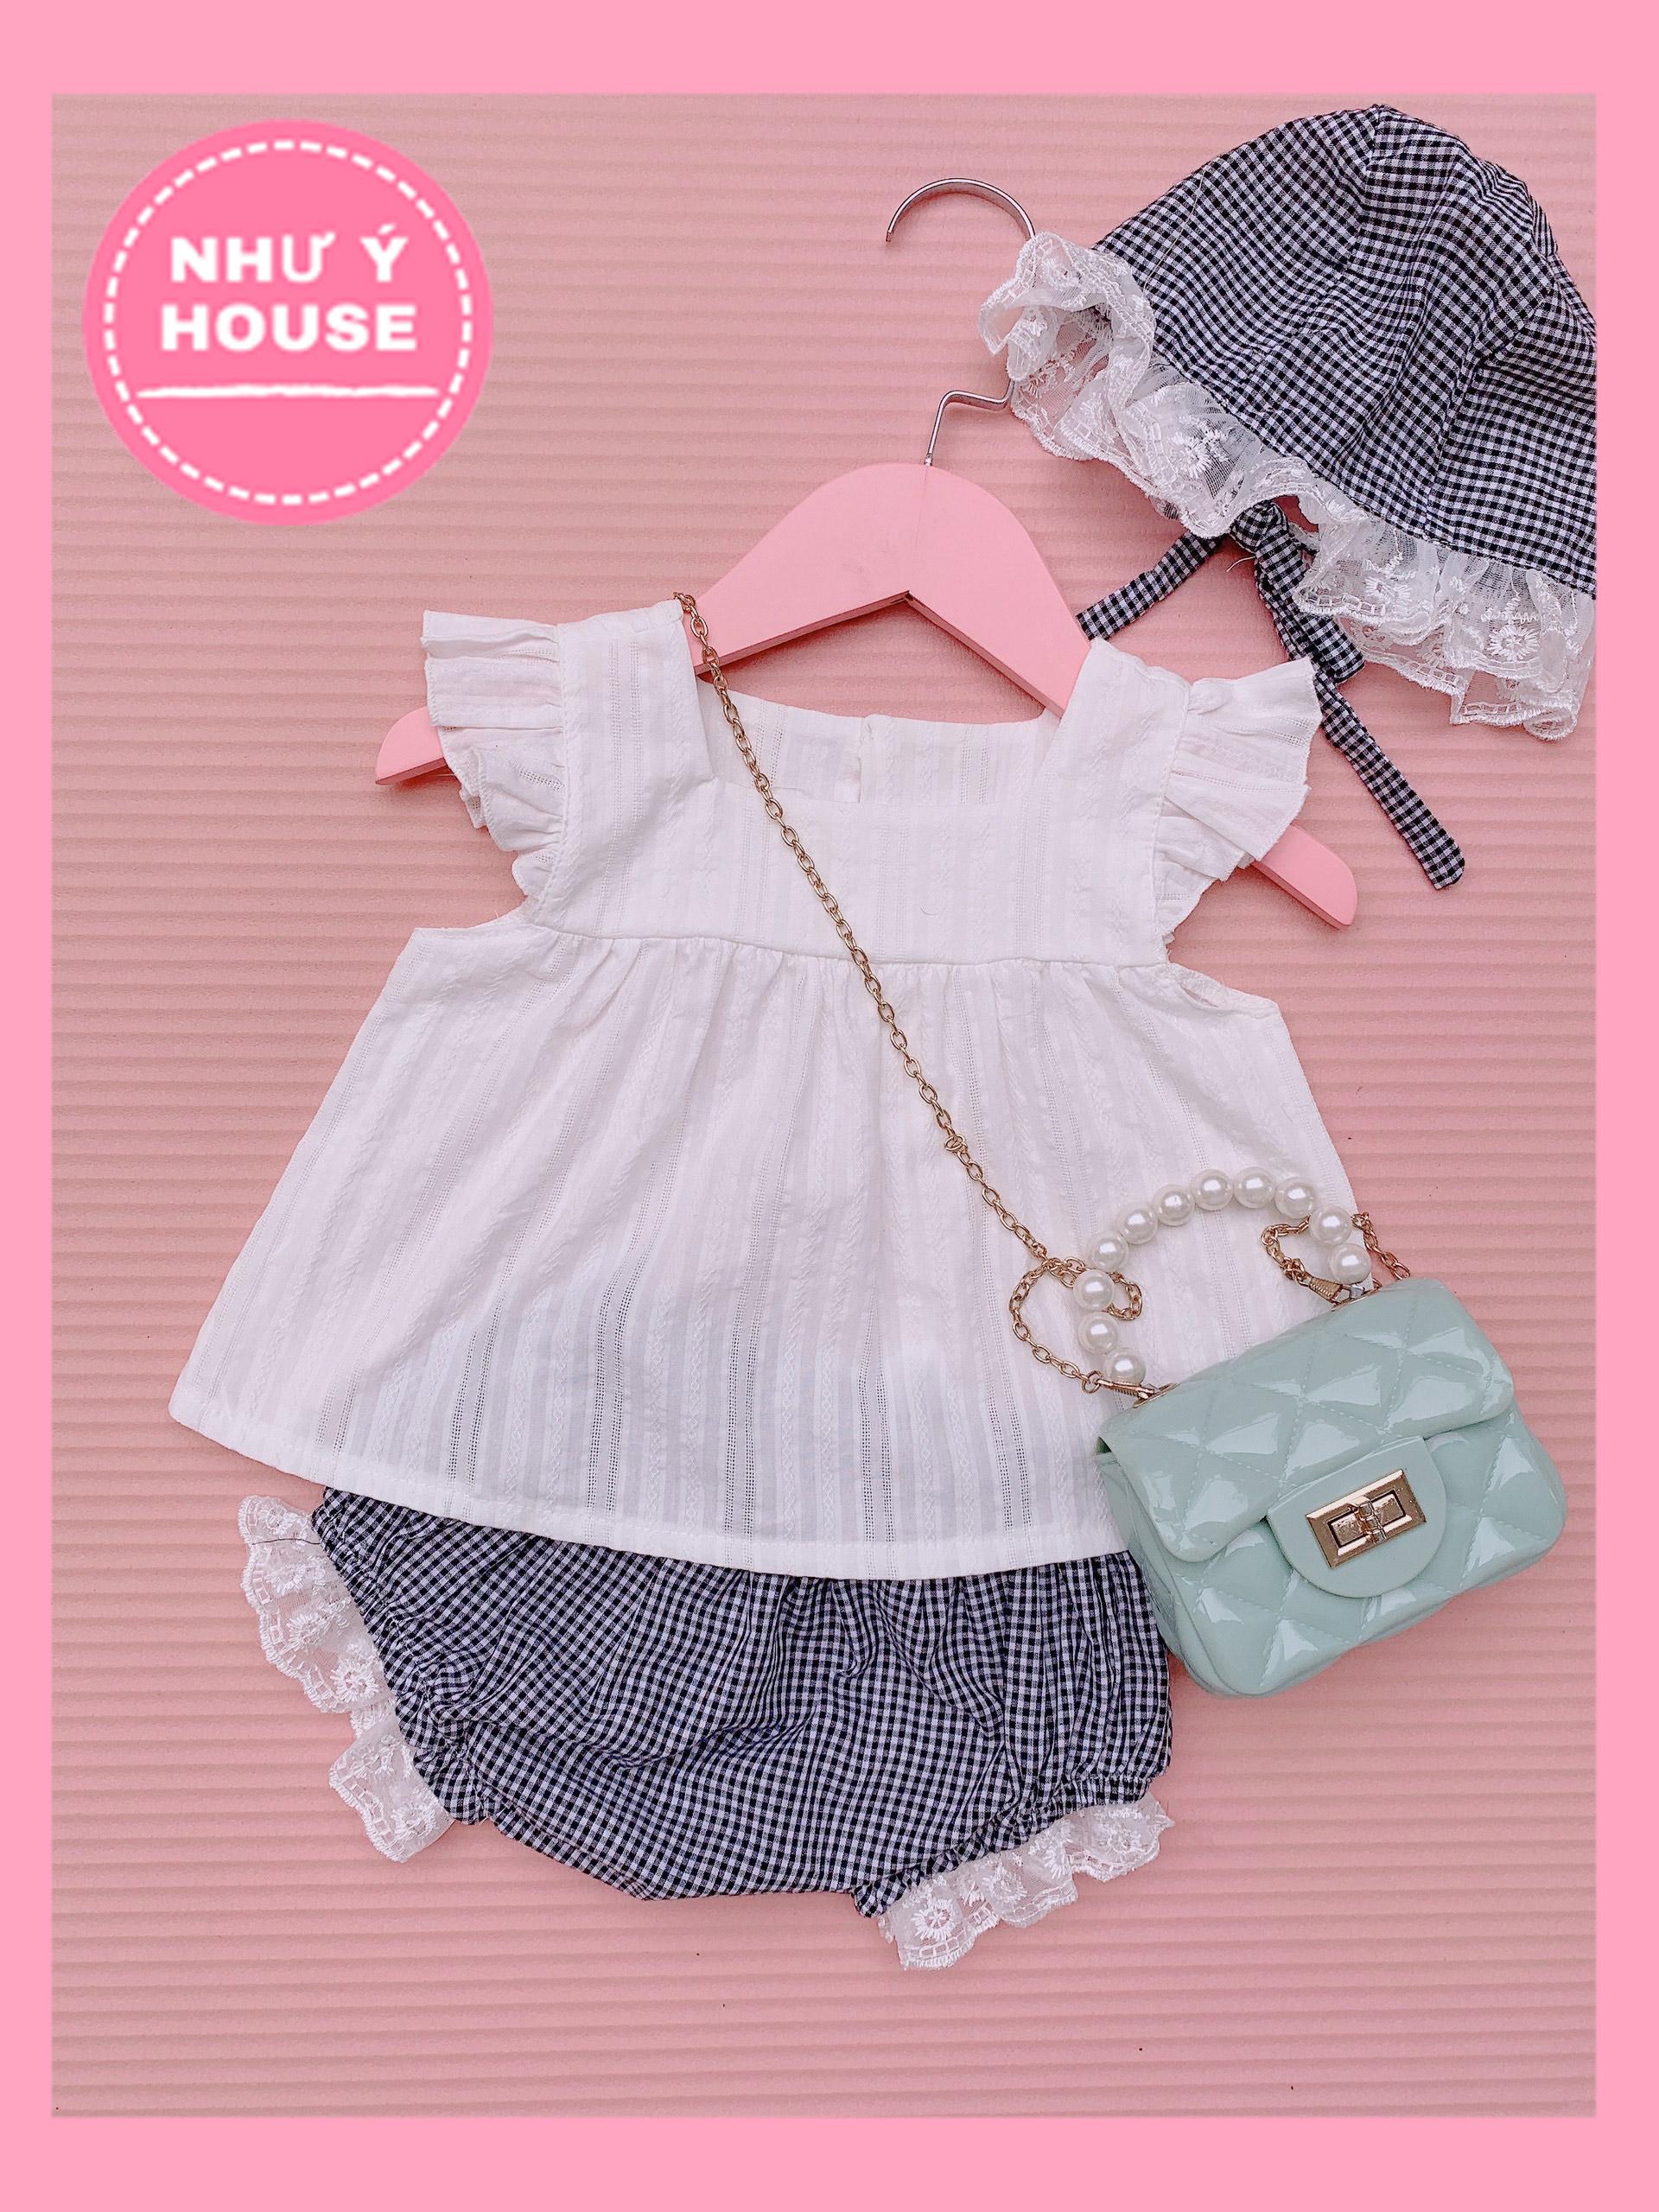 Set quần áo bé gái  KÈM MŨ bộ đồ cho bé NHƯ Ý HOUSE